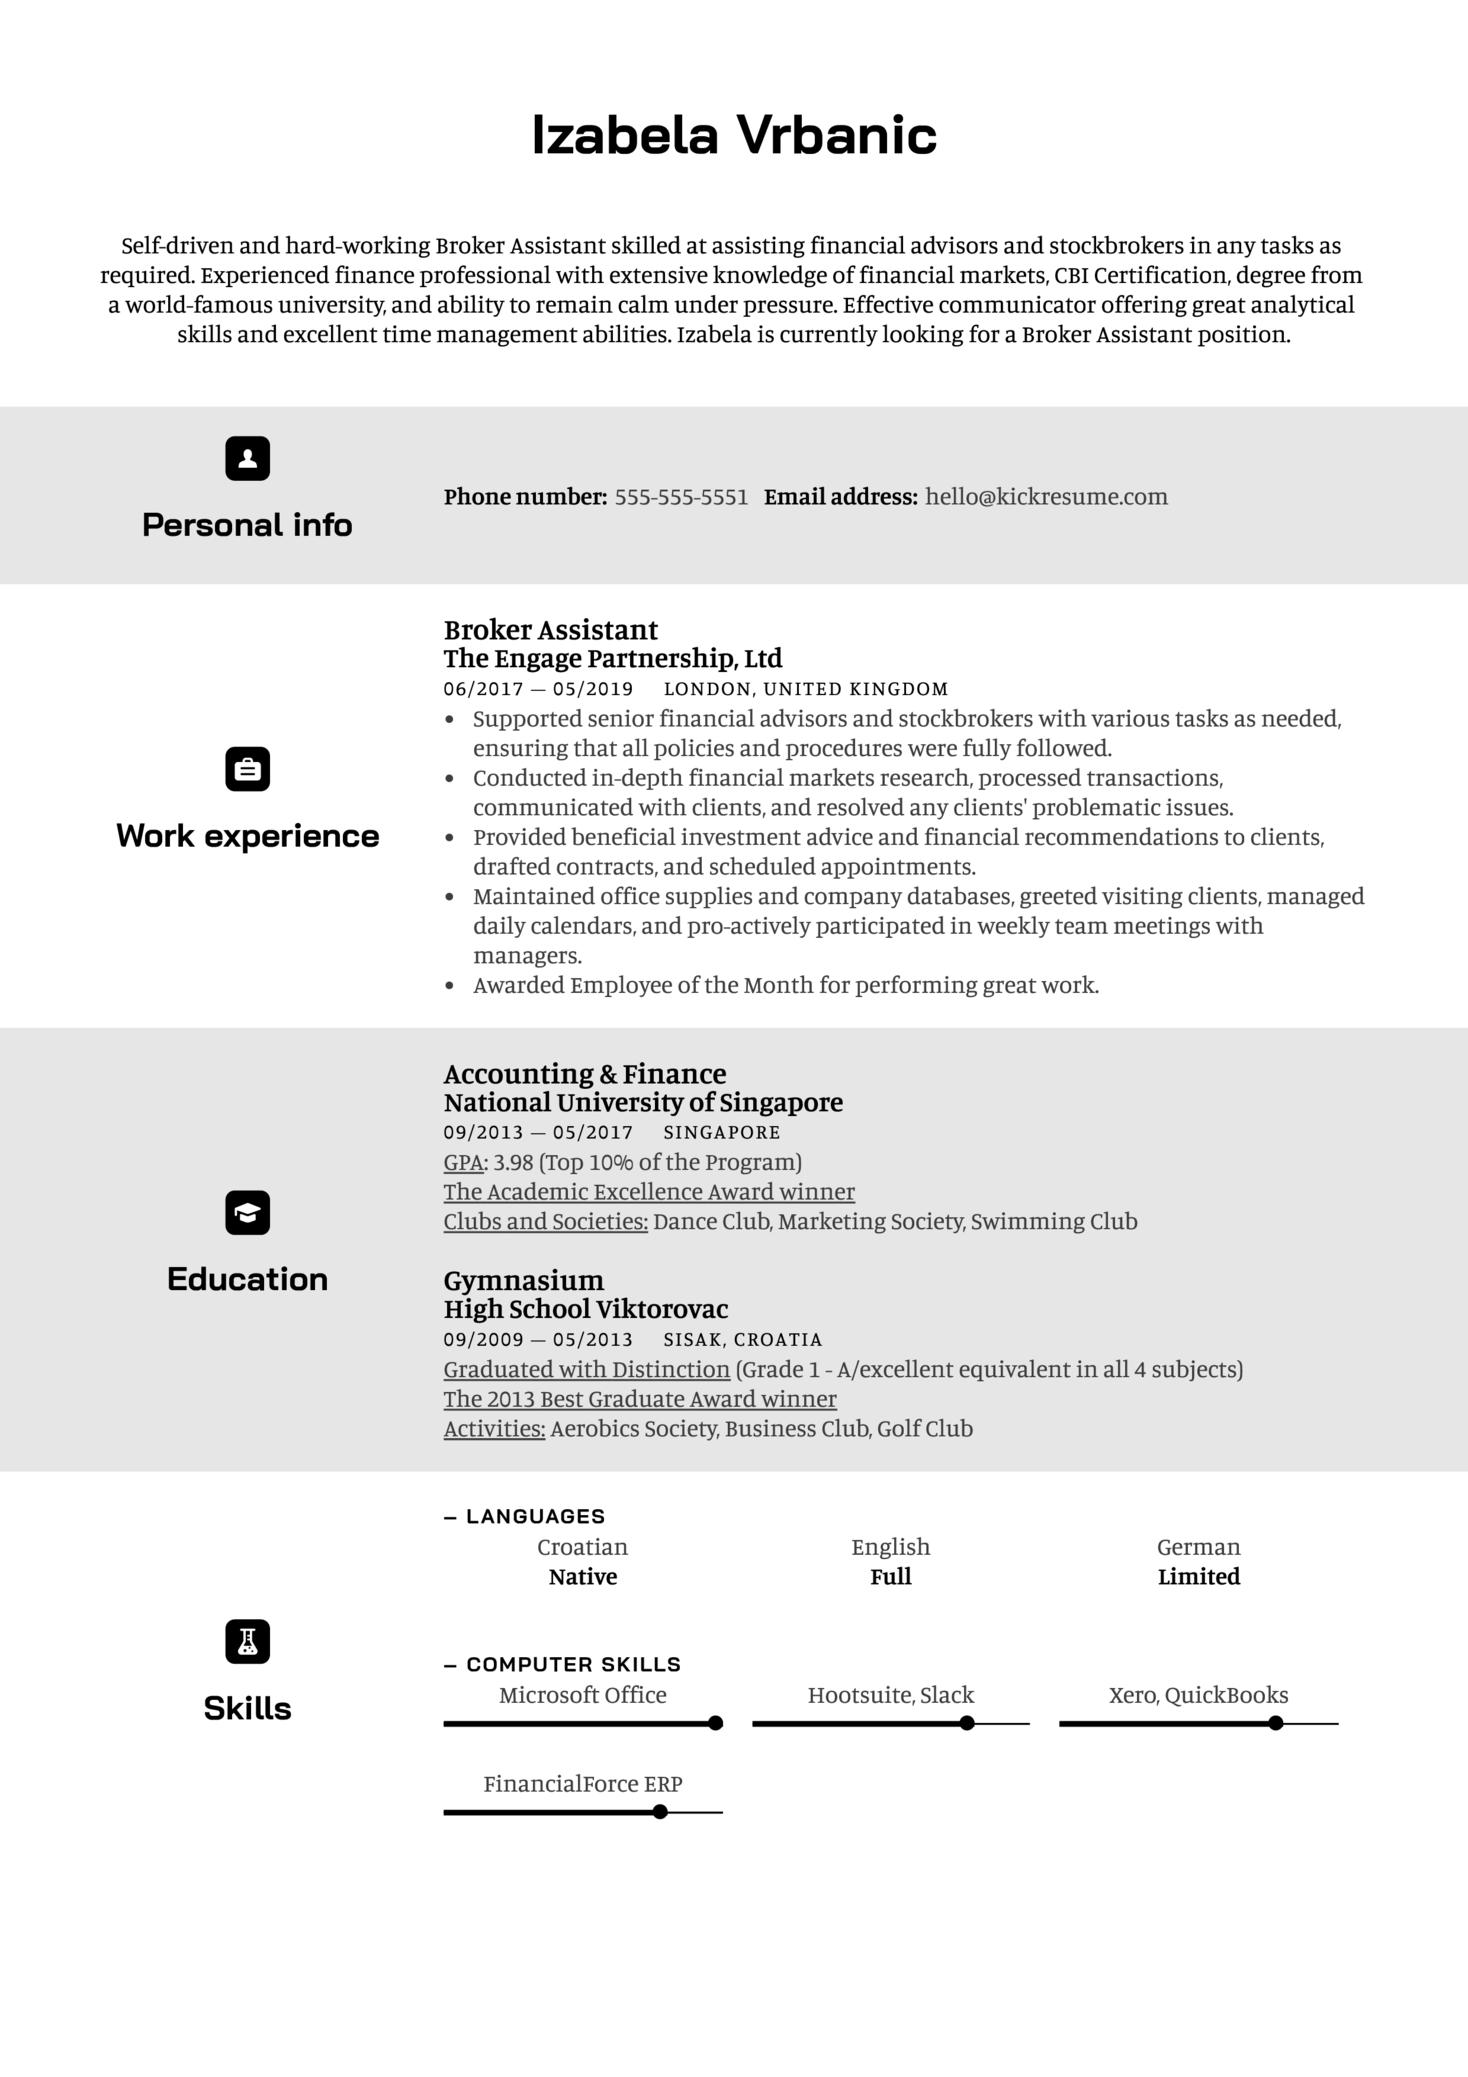 Broker Assistant Resume Sample (Part 1)